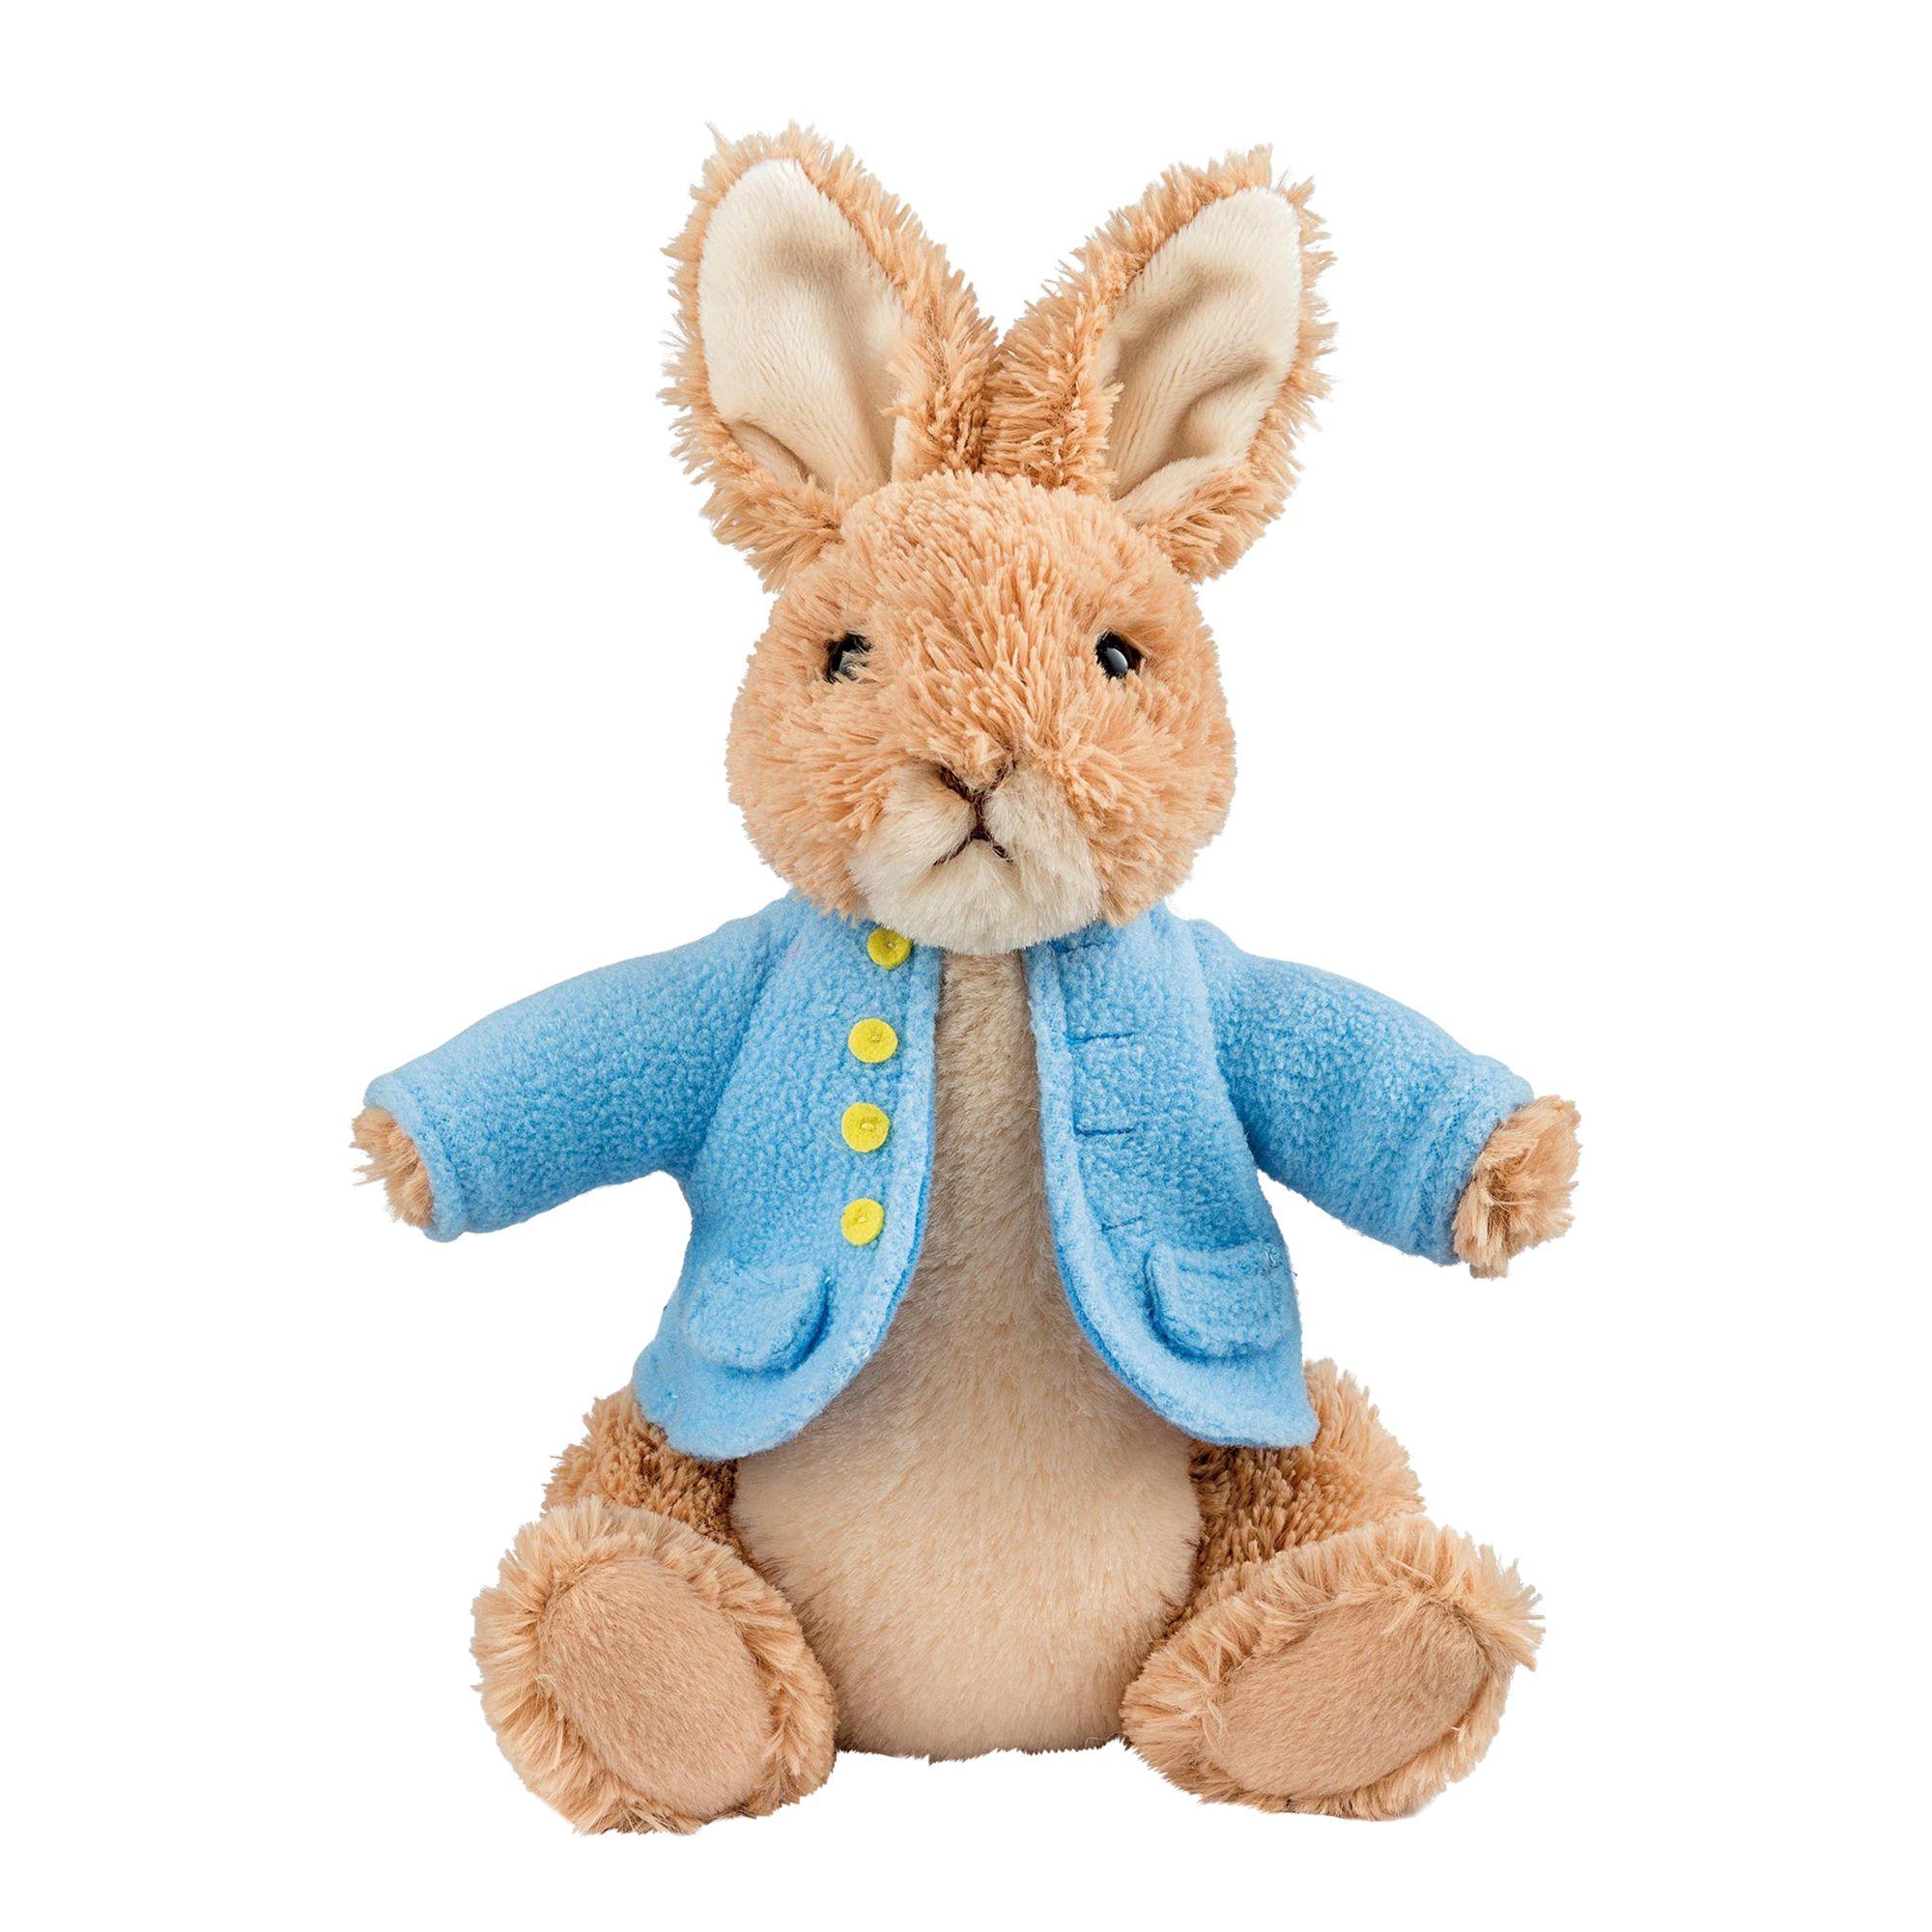 Beatrix Potter Beatrix Potter Peter Rabbit Soft Toy, Medium